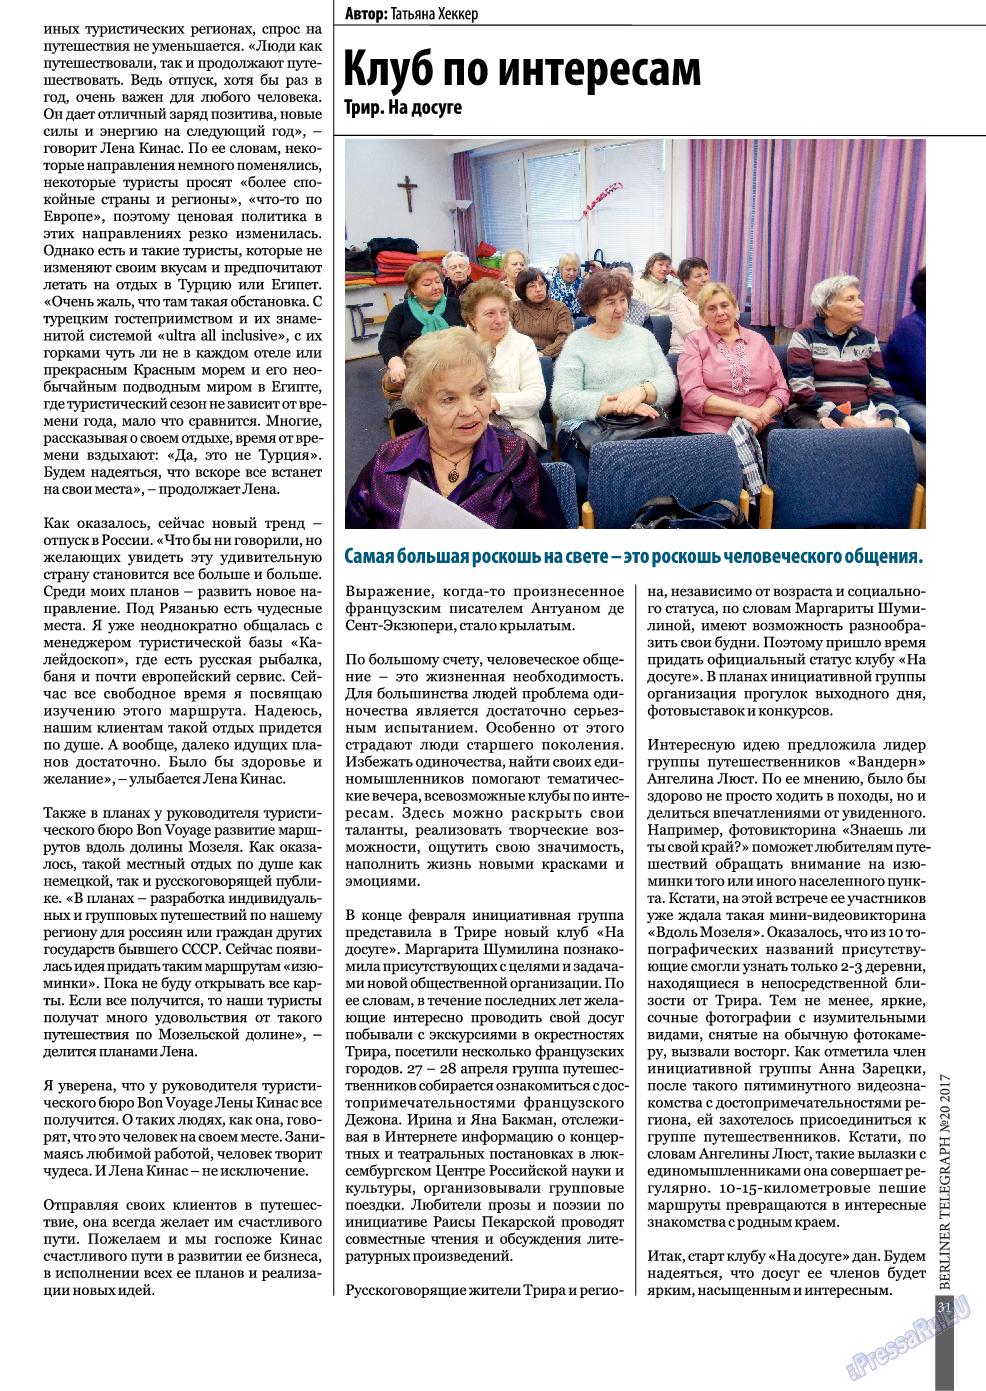 Берлинский телеграф (журнал). 2017 год, номер 20, стр. 31